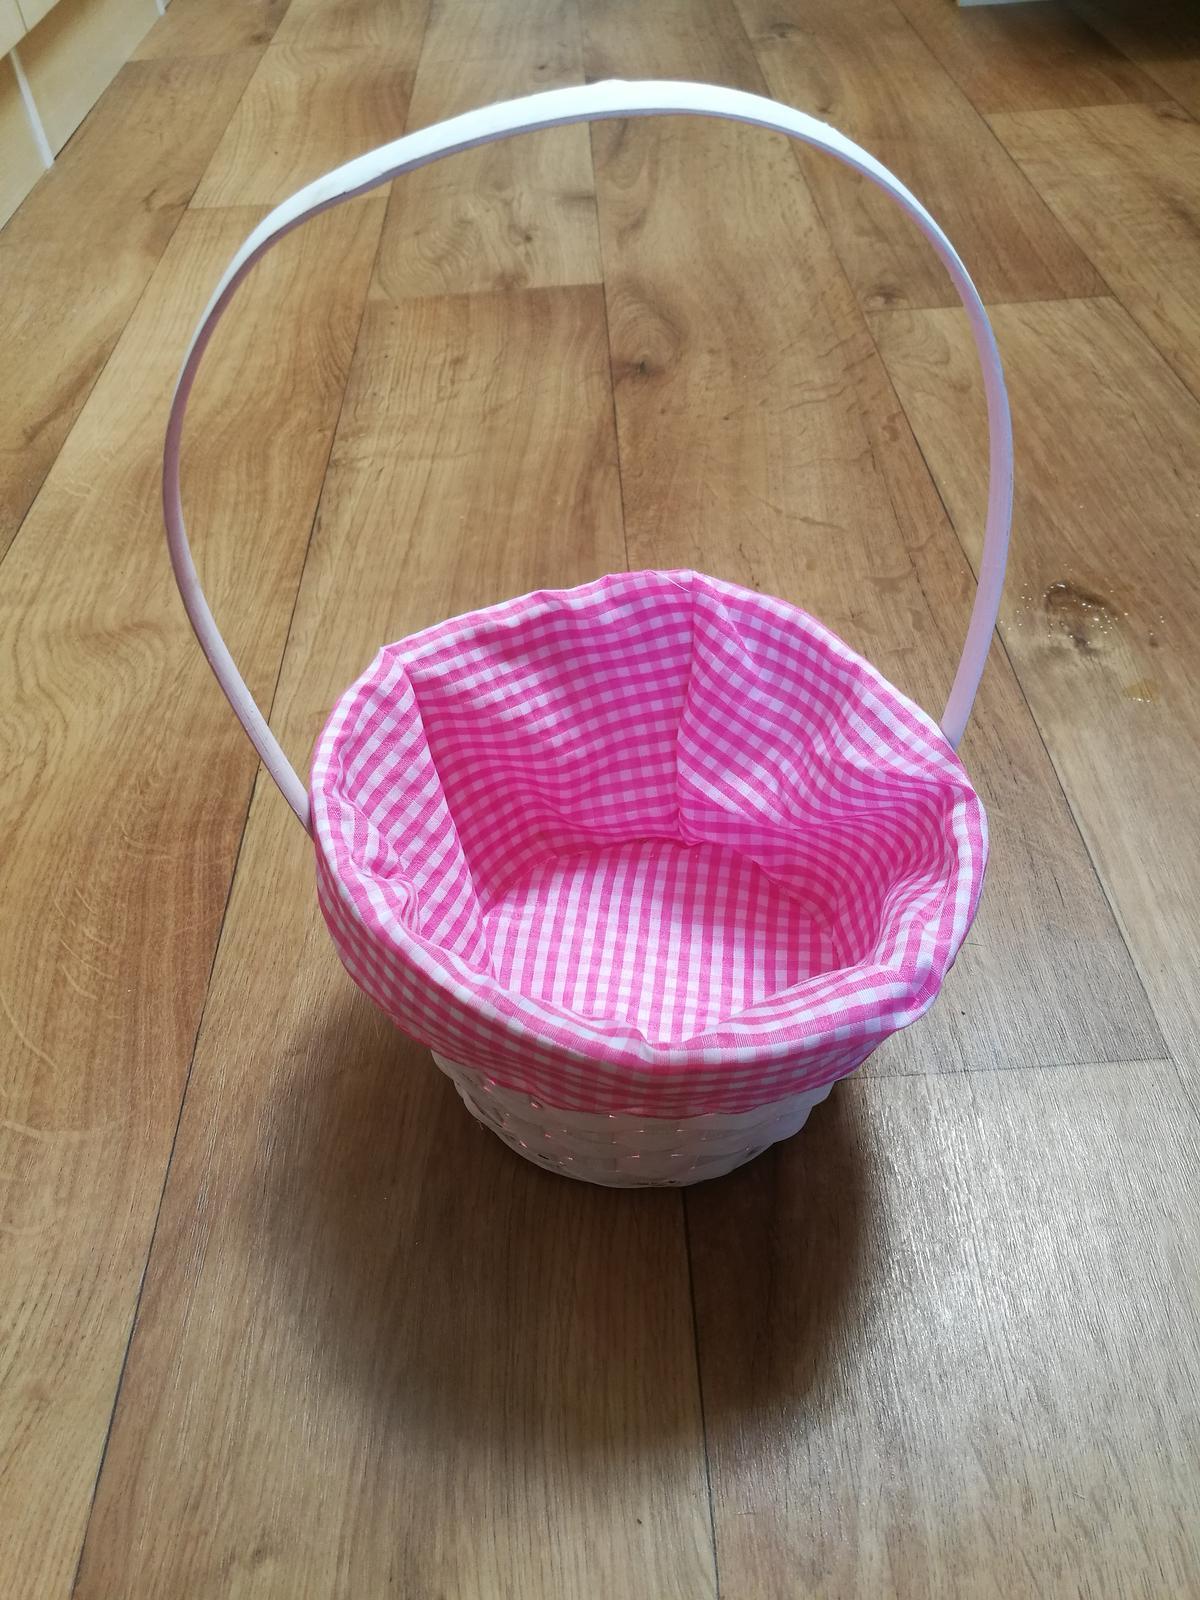 Kosicek ruzovy - Obrázek č. 1